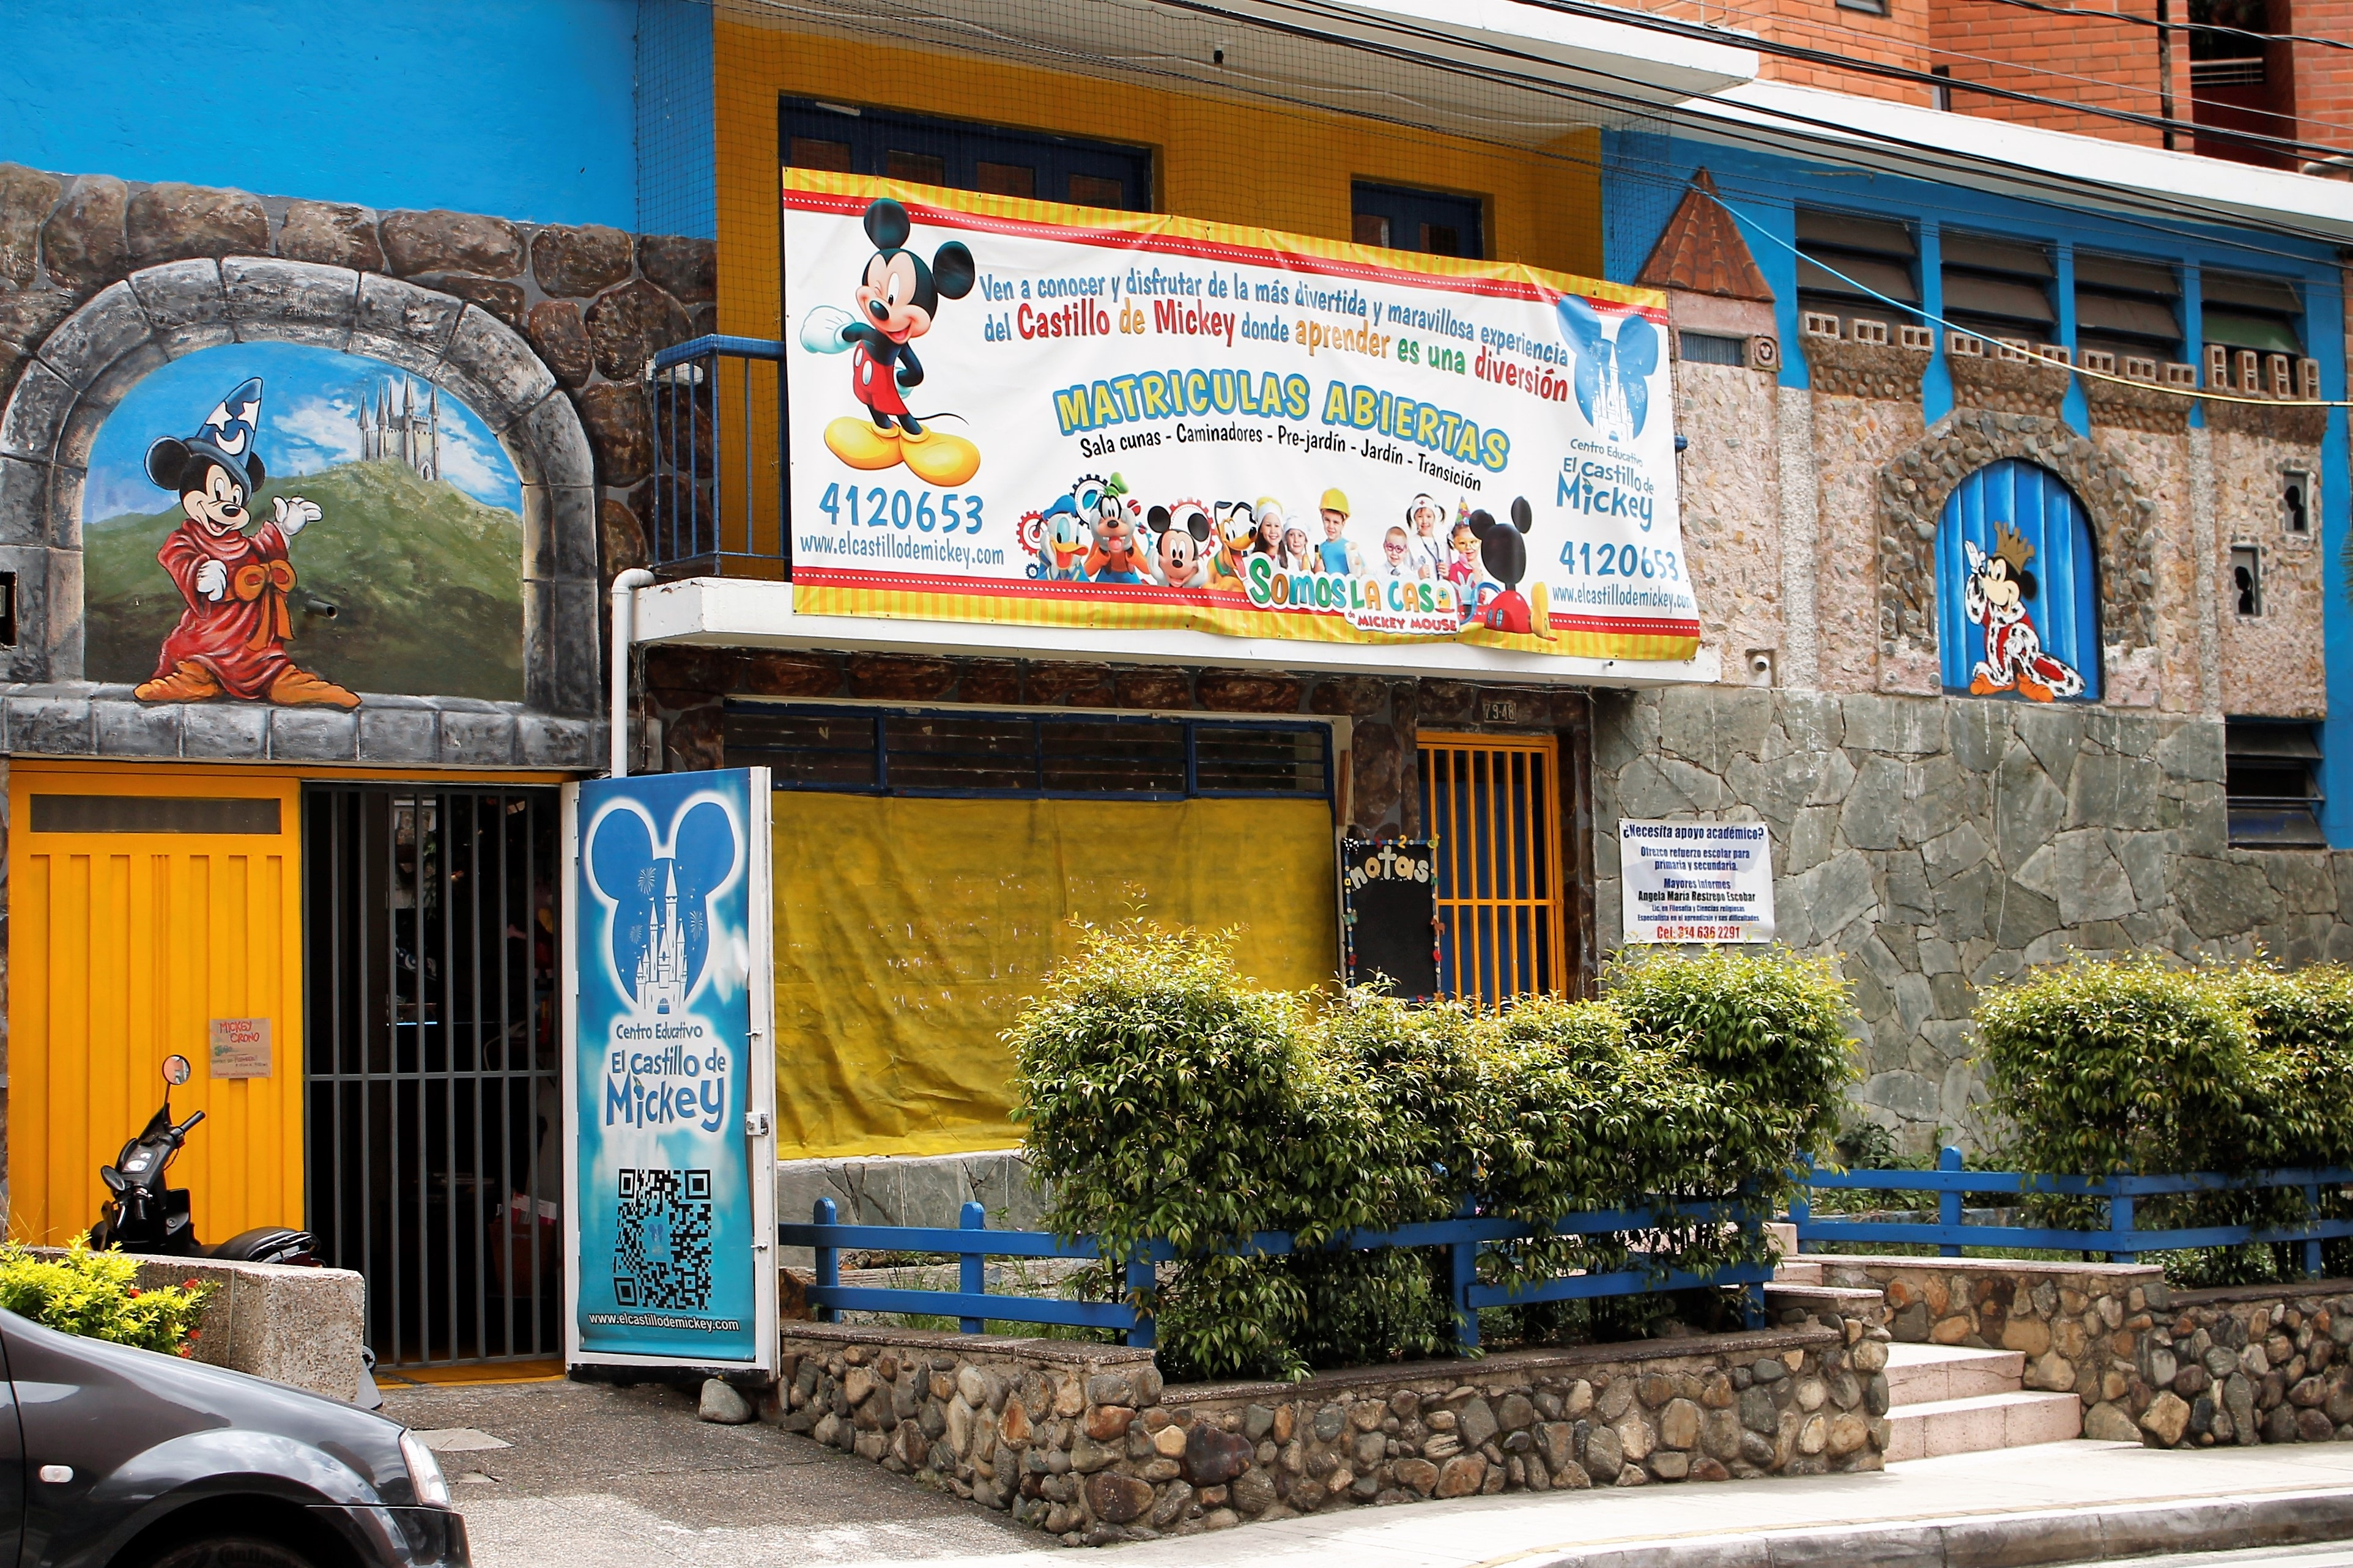 File Fachada Centro Educativo El Castillo de Mickey Wikimedia